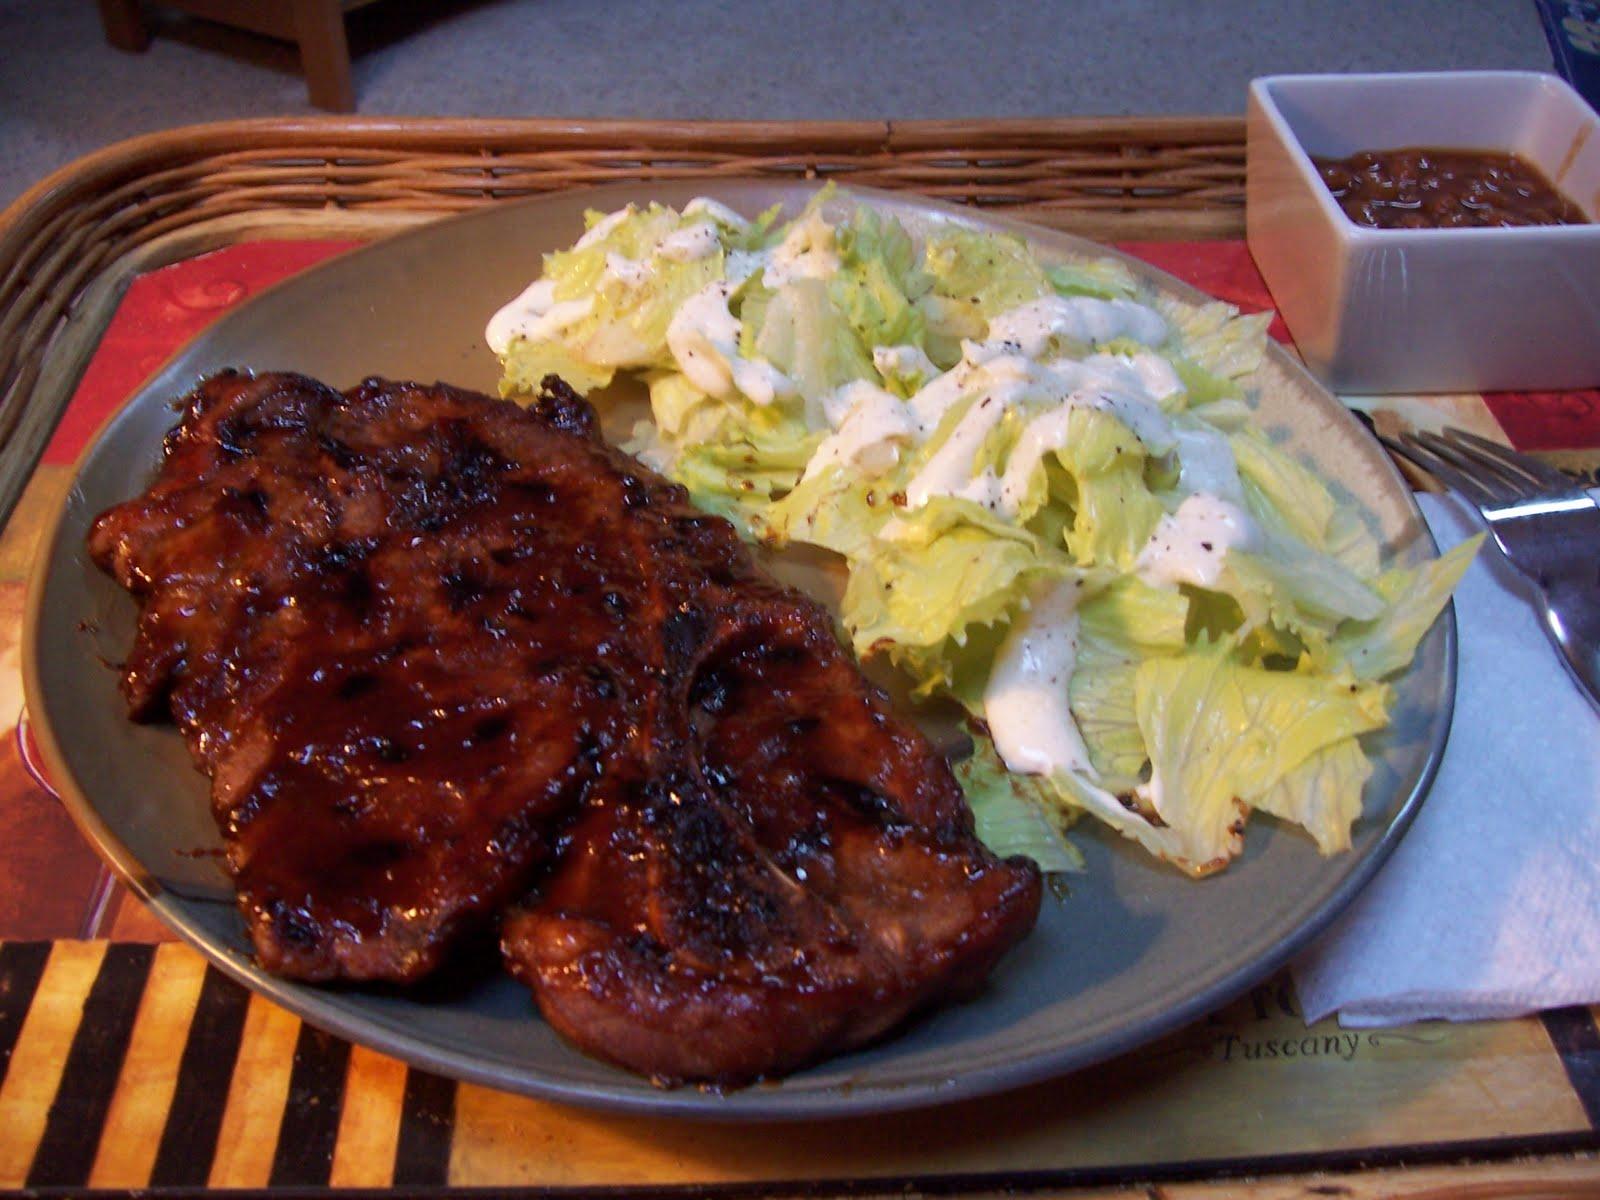 Easy pork shoulder steak recipes